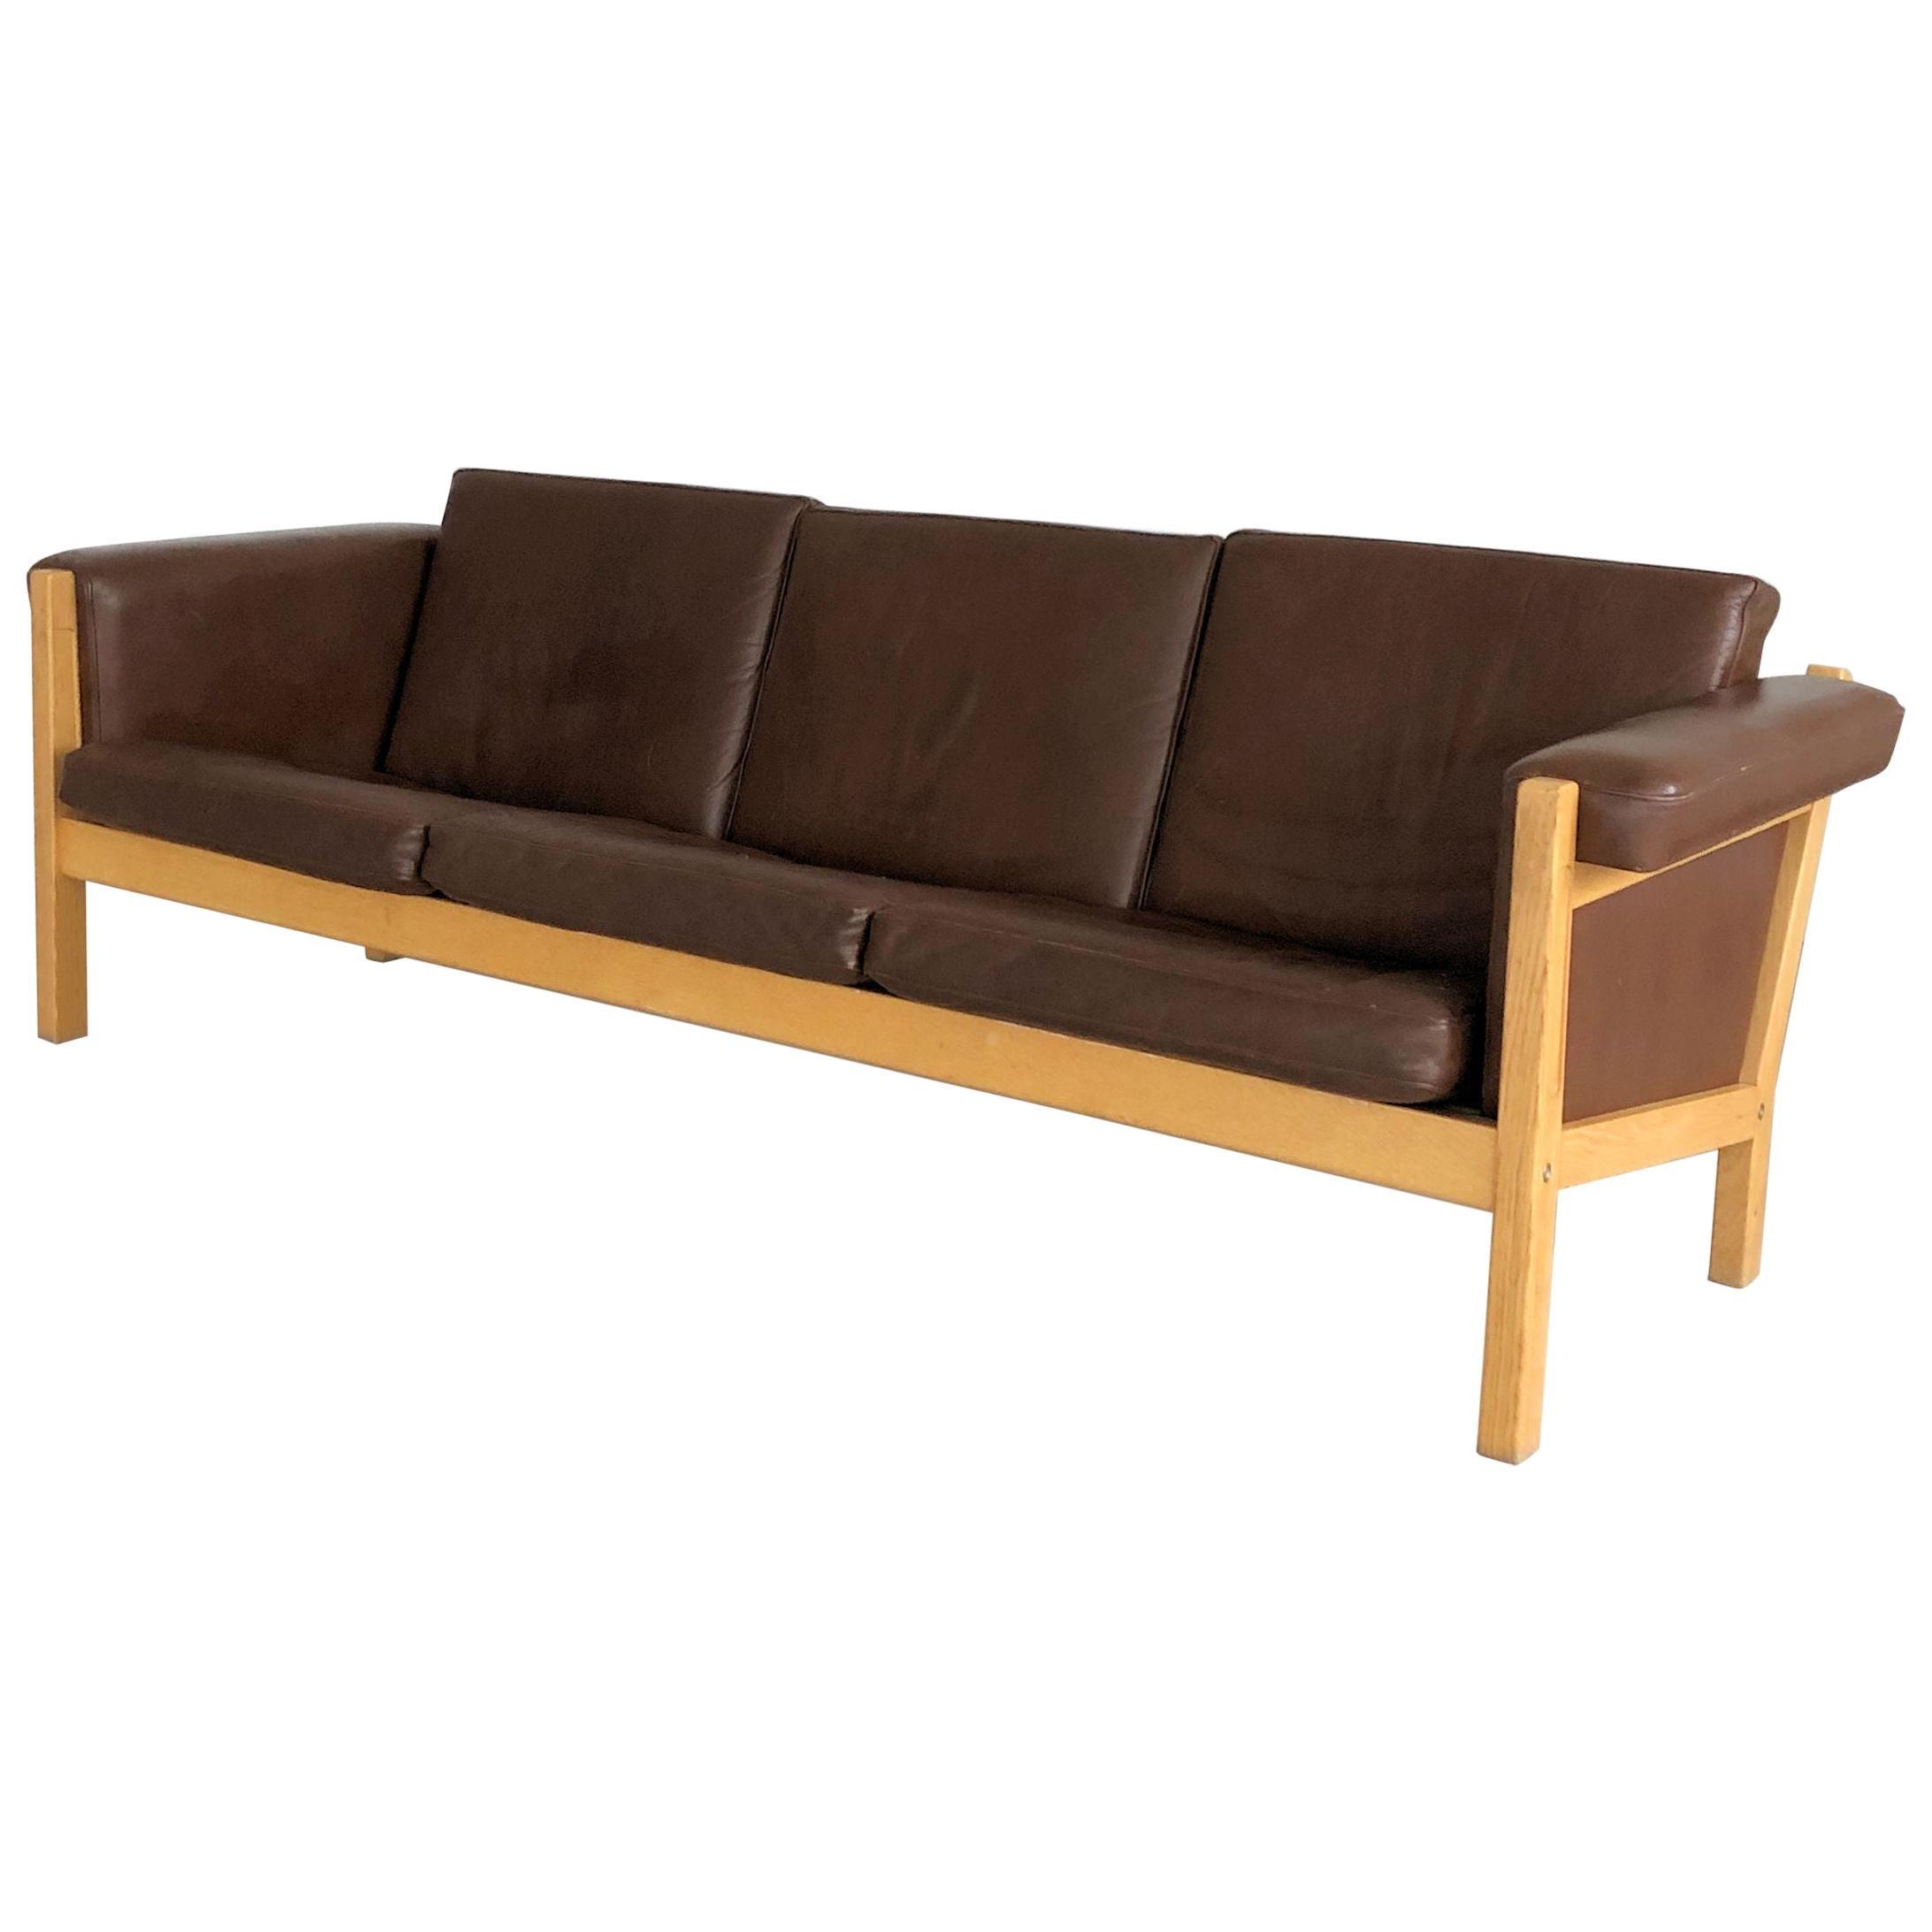 1960s Danish Hans J. Wegner Three-Seat Sofa in Oak and Brown Leather by GETAMA